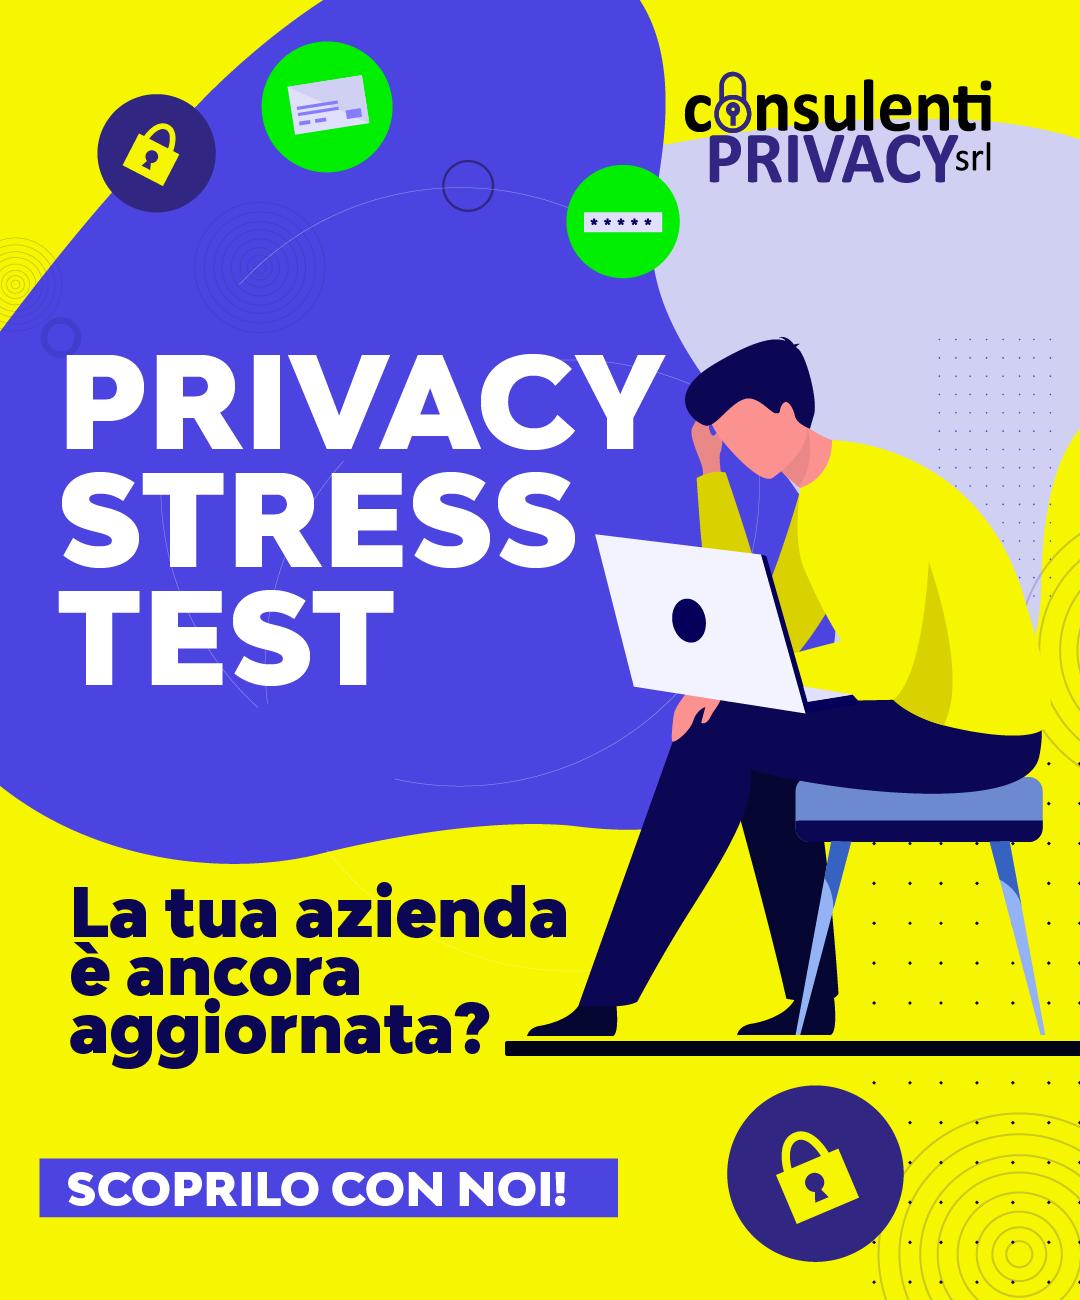 Adeguamenti privacy per attività commerciali